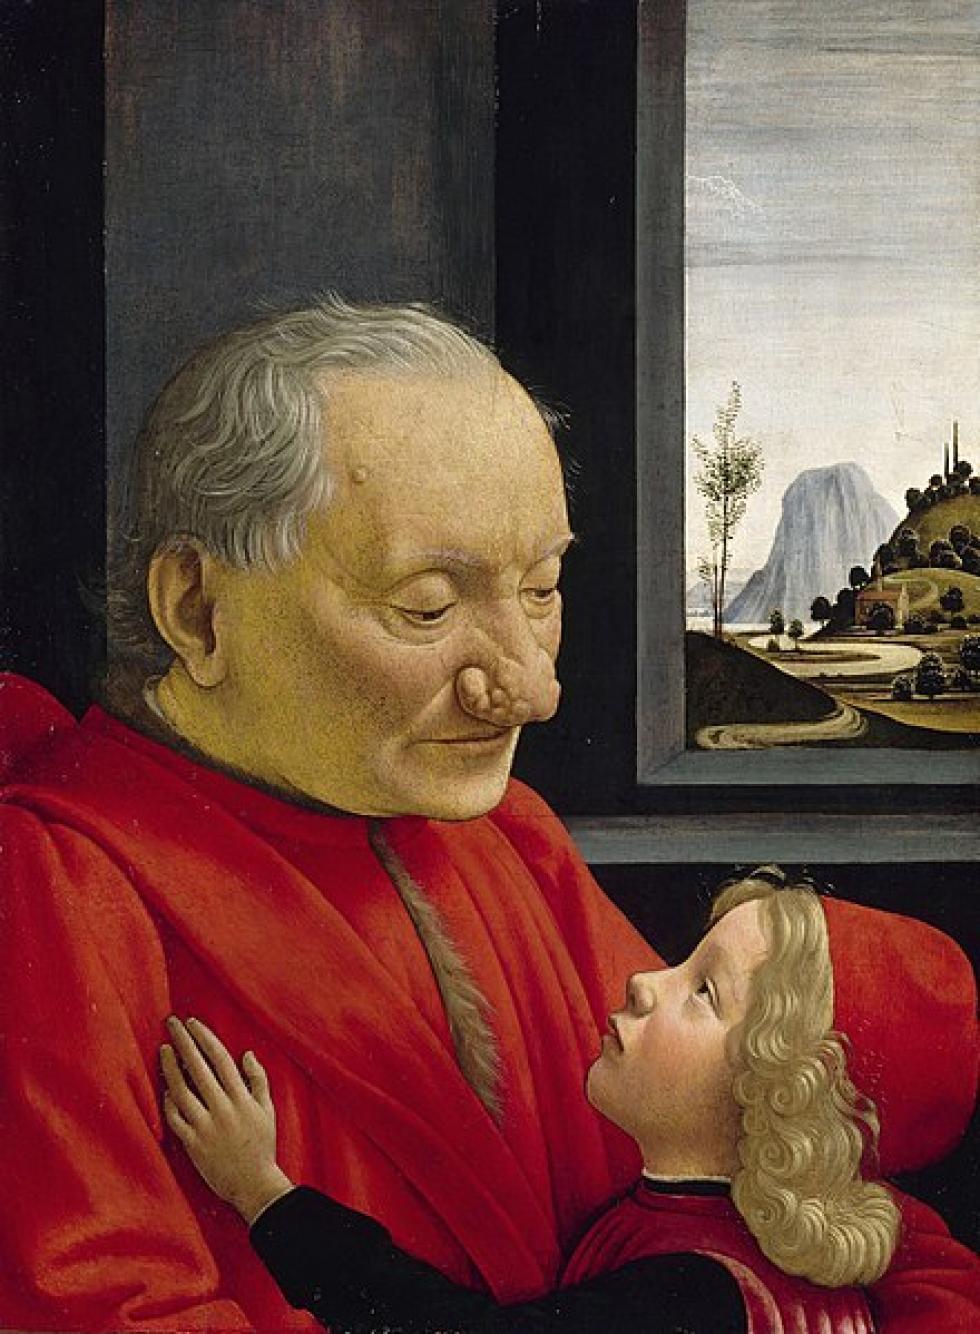 Portrait d'un vieillard et d'un jeune garçon par Domenico Ghirlandaio, vers 1490.